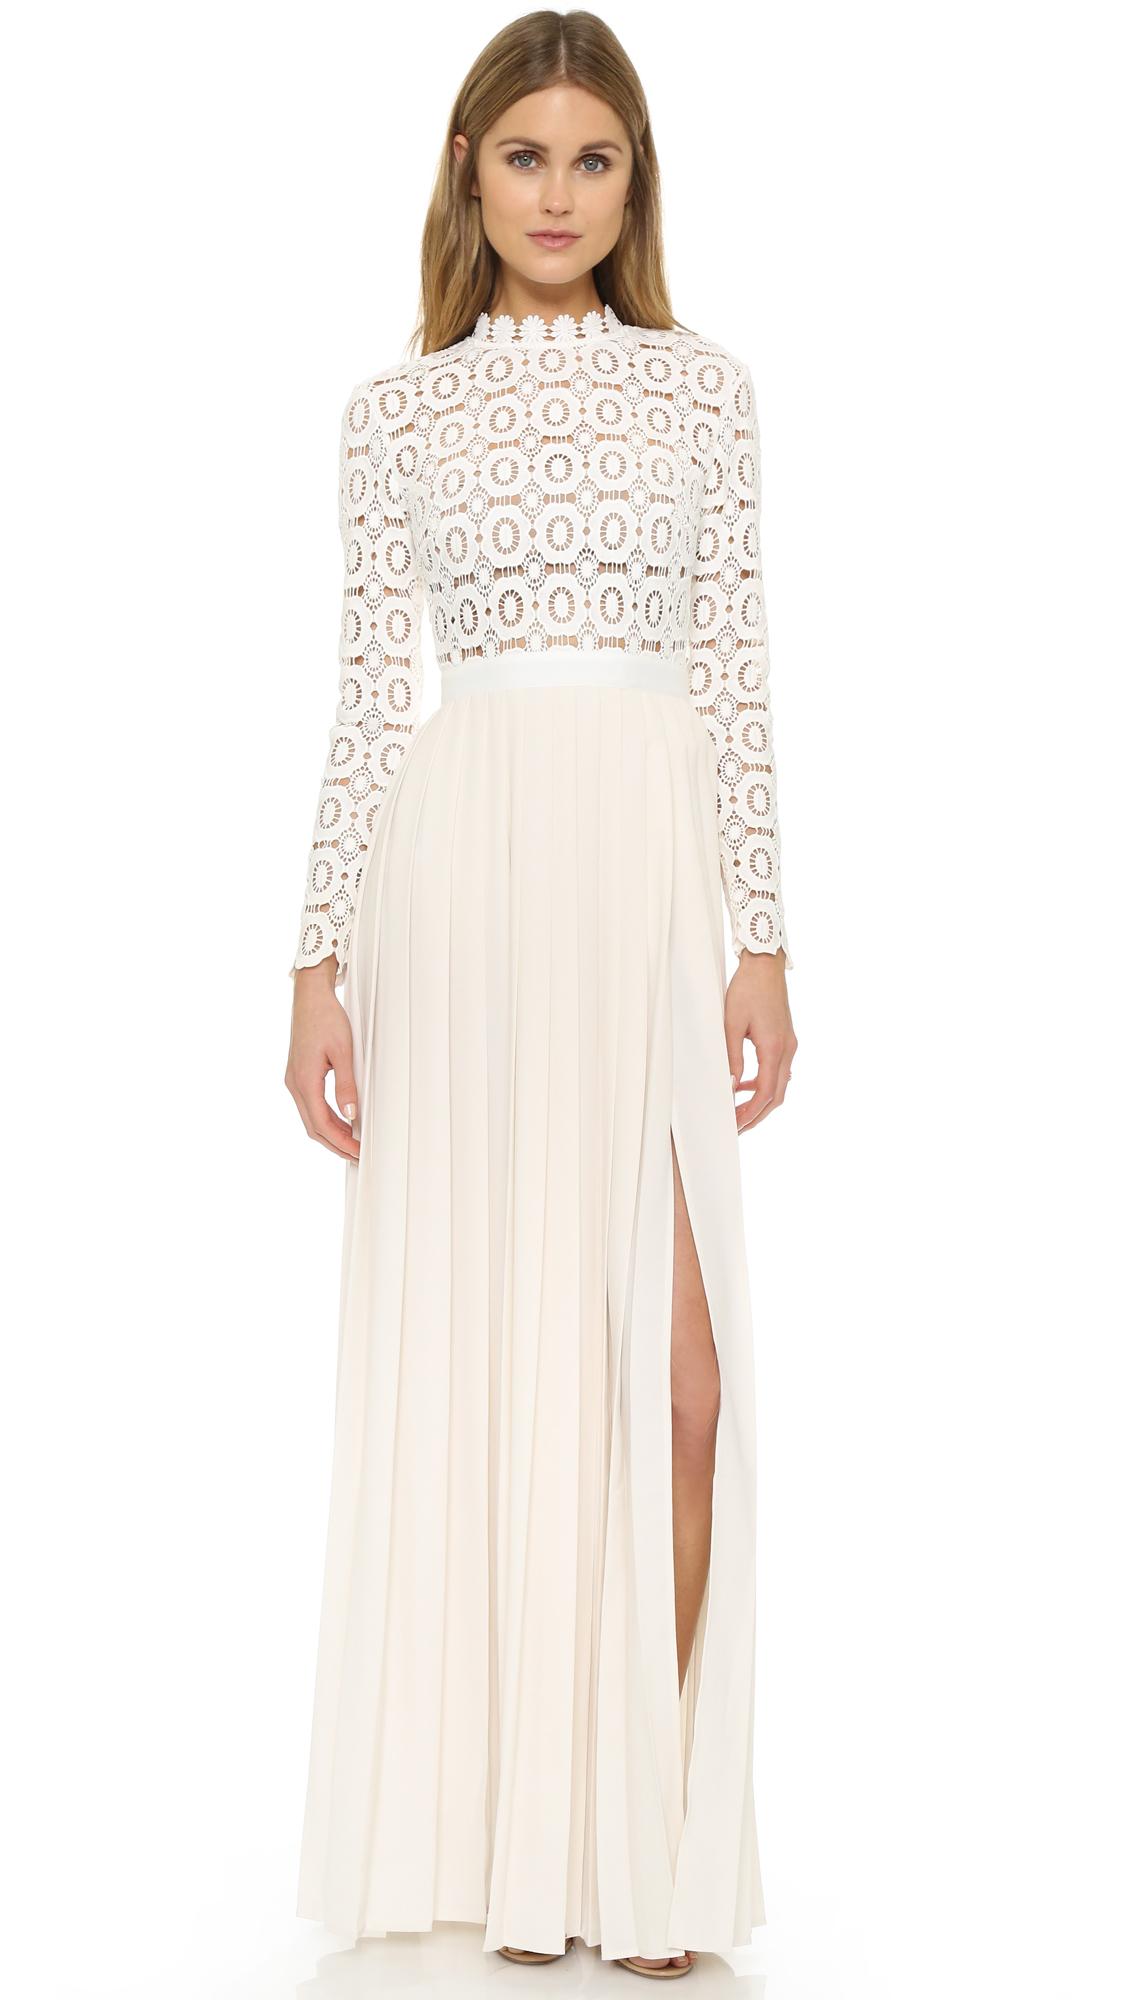 Crochet White Dress : self-portrait-off-white-pleated-crochet-maxi-dress-off-white-product-3 ...